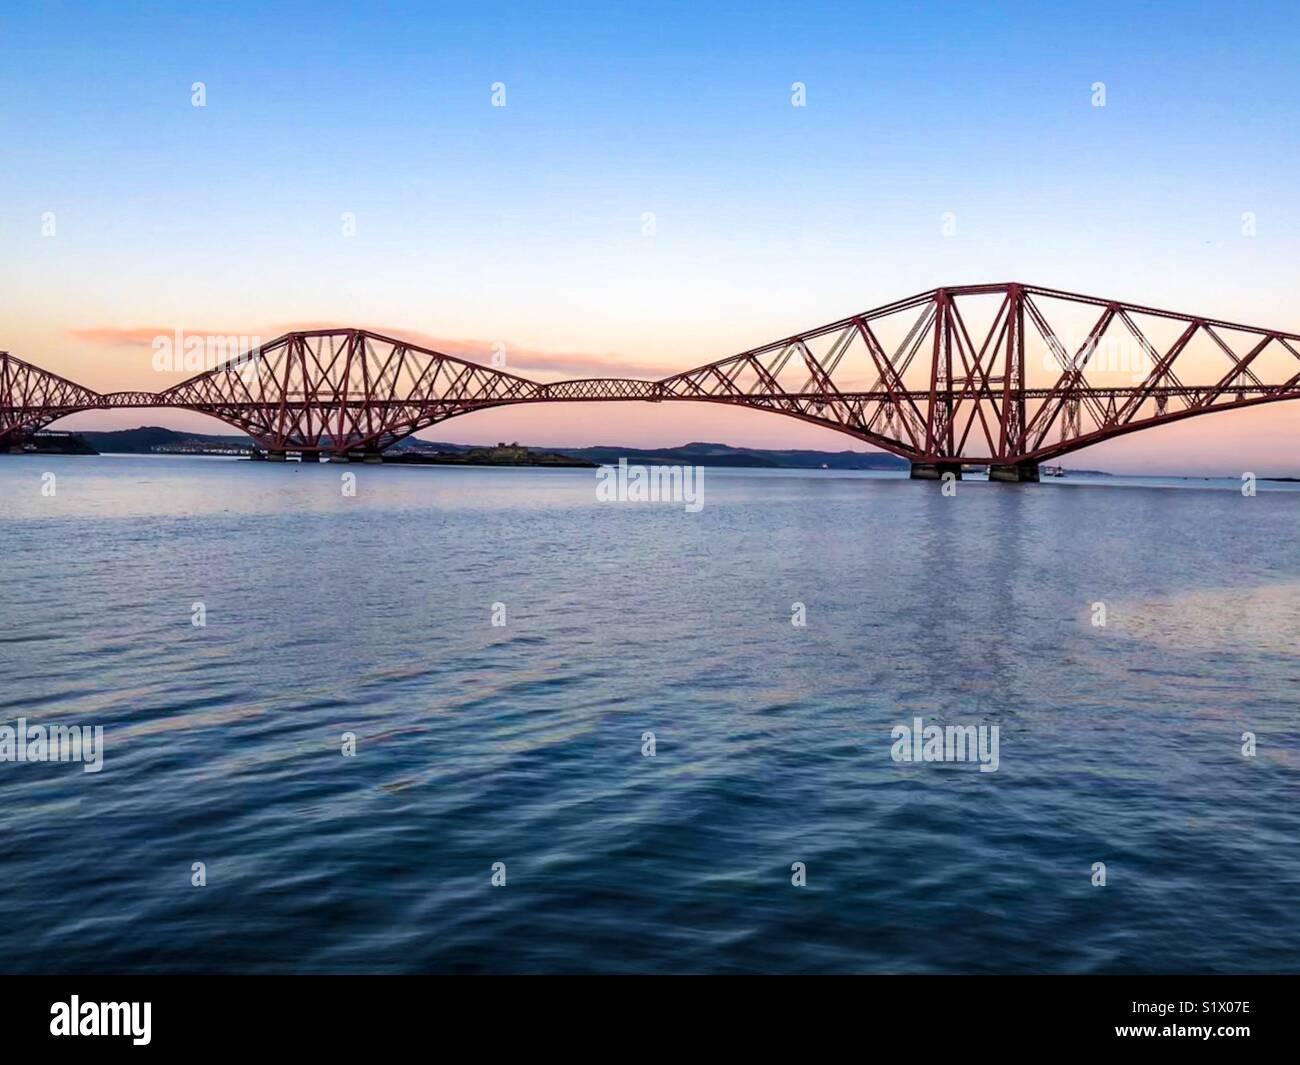 Die Brücke über den River Forth von South Queensferry - 27. Dezember 2017 - Fotograf: Brian Duffy Stockbild